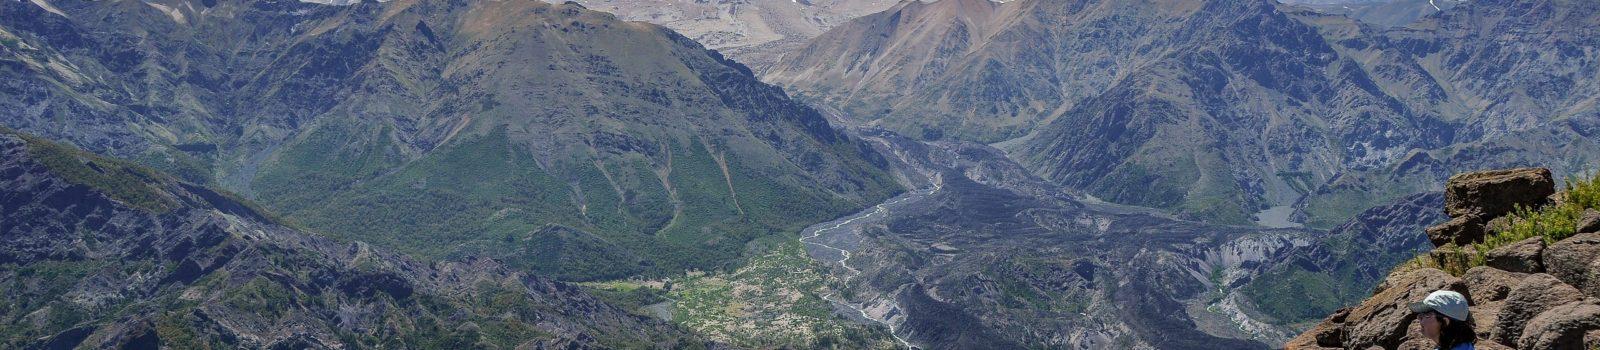 """Wanderung zum """"Ufo-Landeplatz"""" Enladrillado in den Altos de Lircay, Chile"""